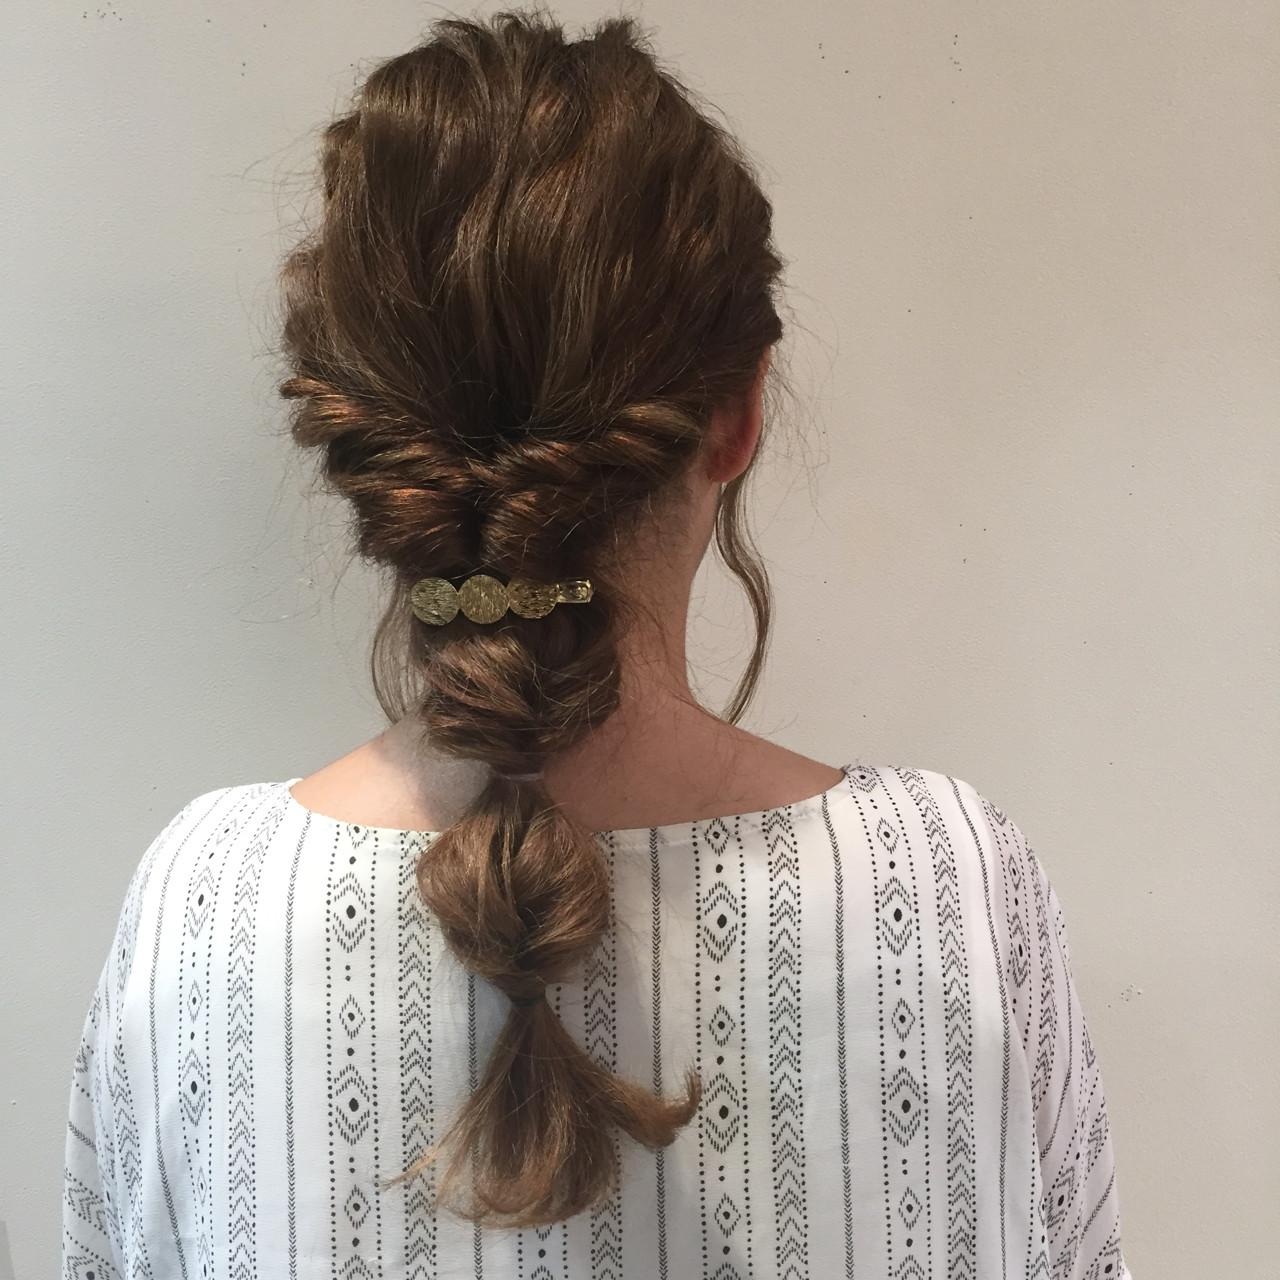 結婚式 ロング ナチュラル ウェーブ ヘアスタイルや髪型の写真・画像 | 酒井麻由加 / reginalore